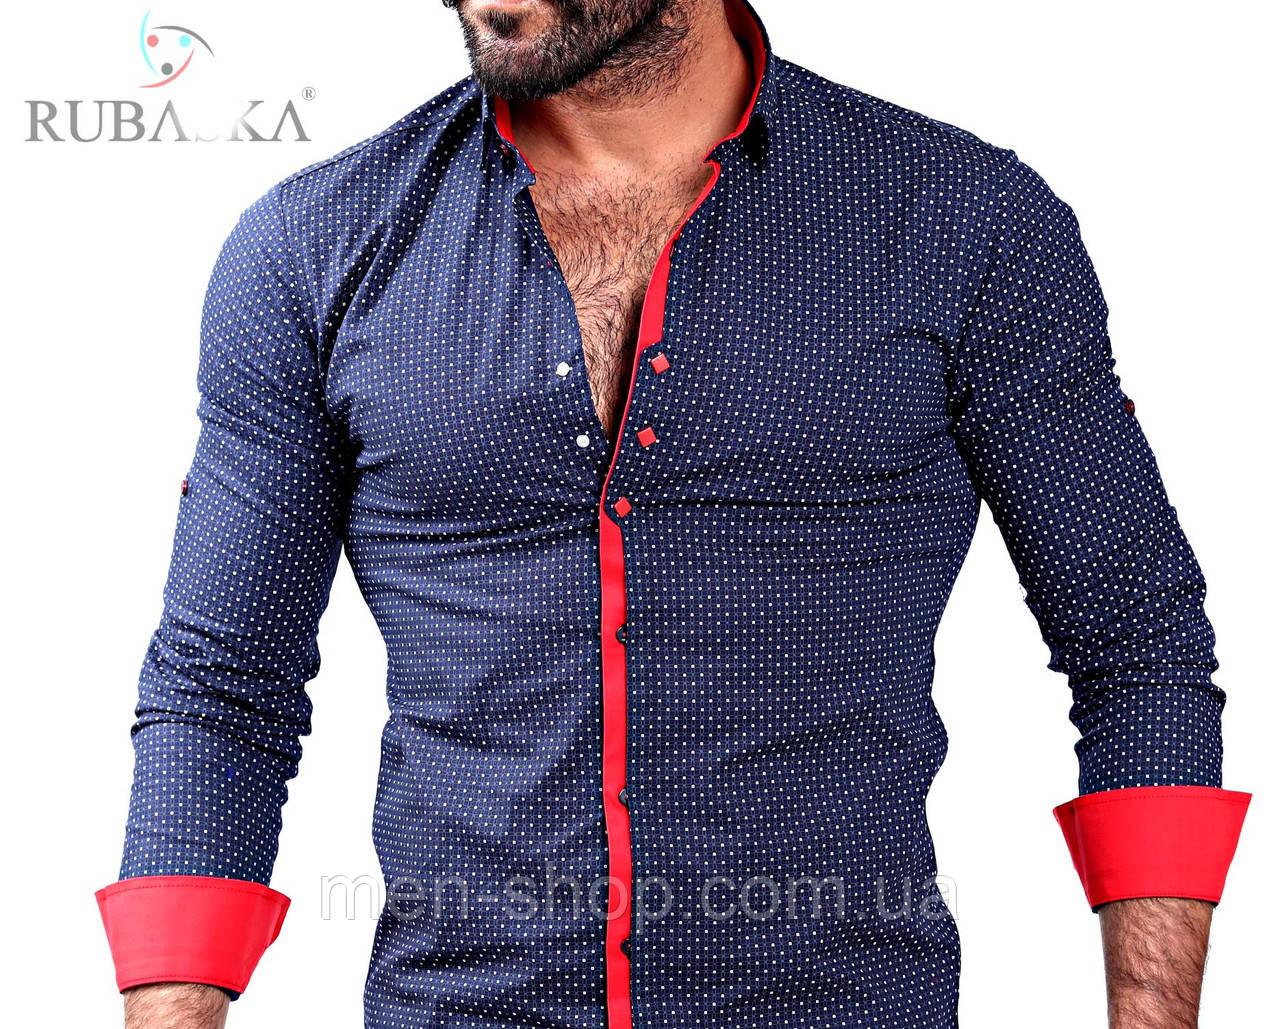 b3370375e02 Модная мужская рубашка синего цвета  продажа